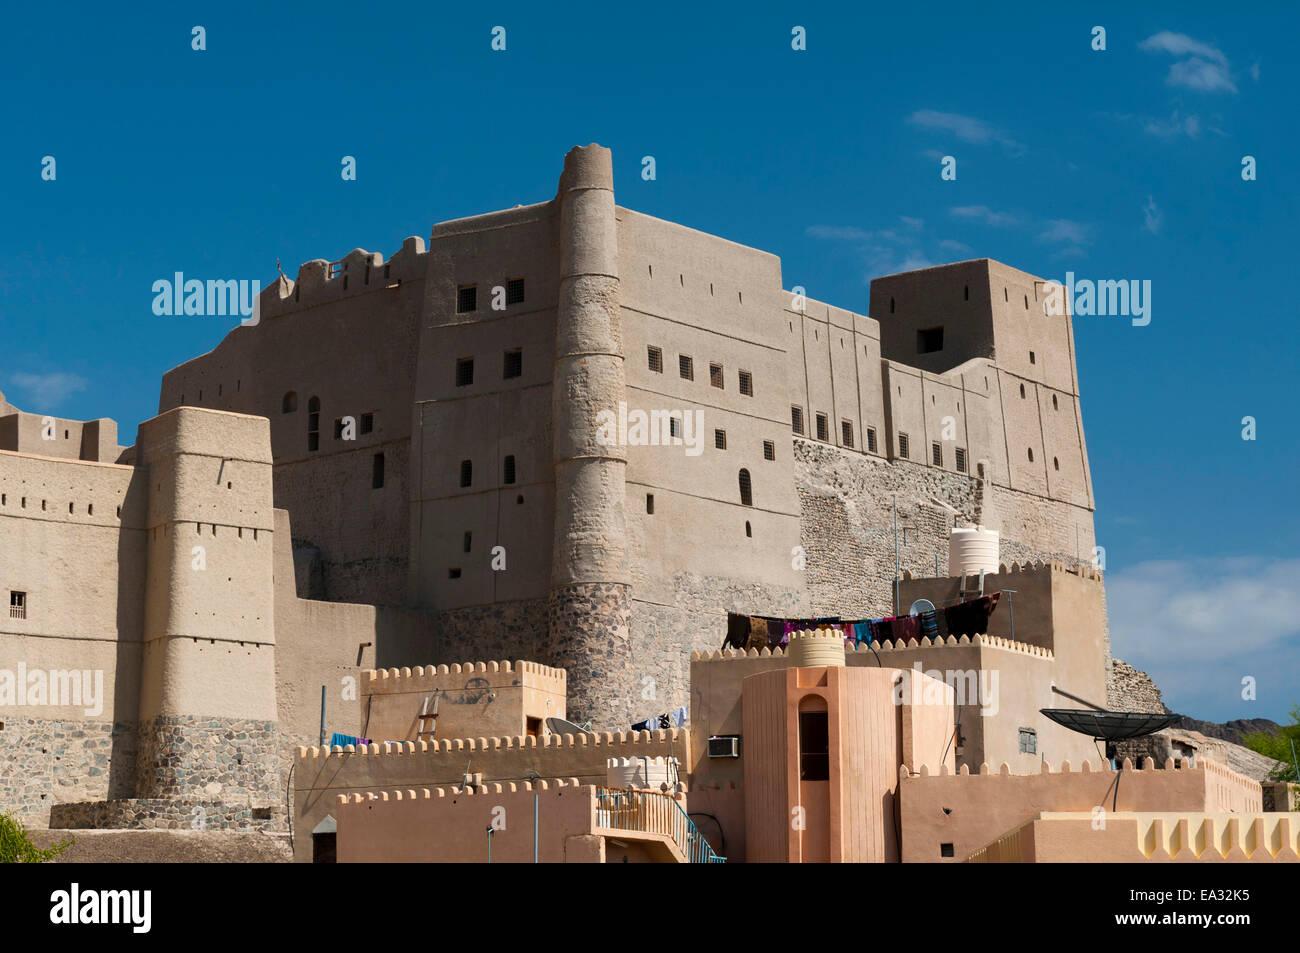 Bahla Fort, Sito Patrimonio Mondiale dell'UNESCO, Oman, Medio Oriente Immagini Stock